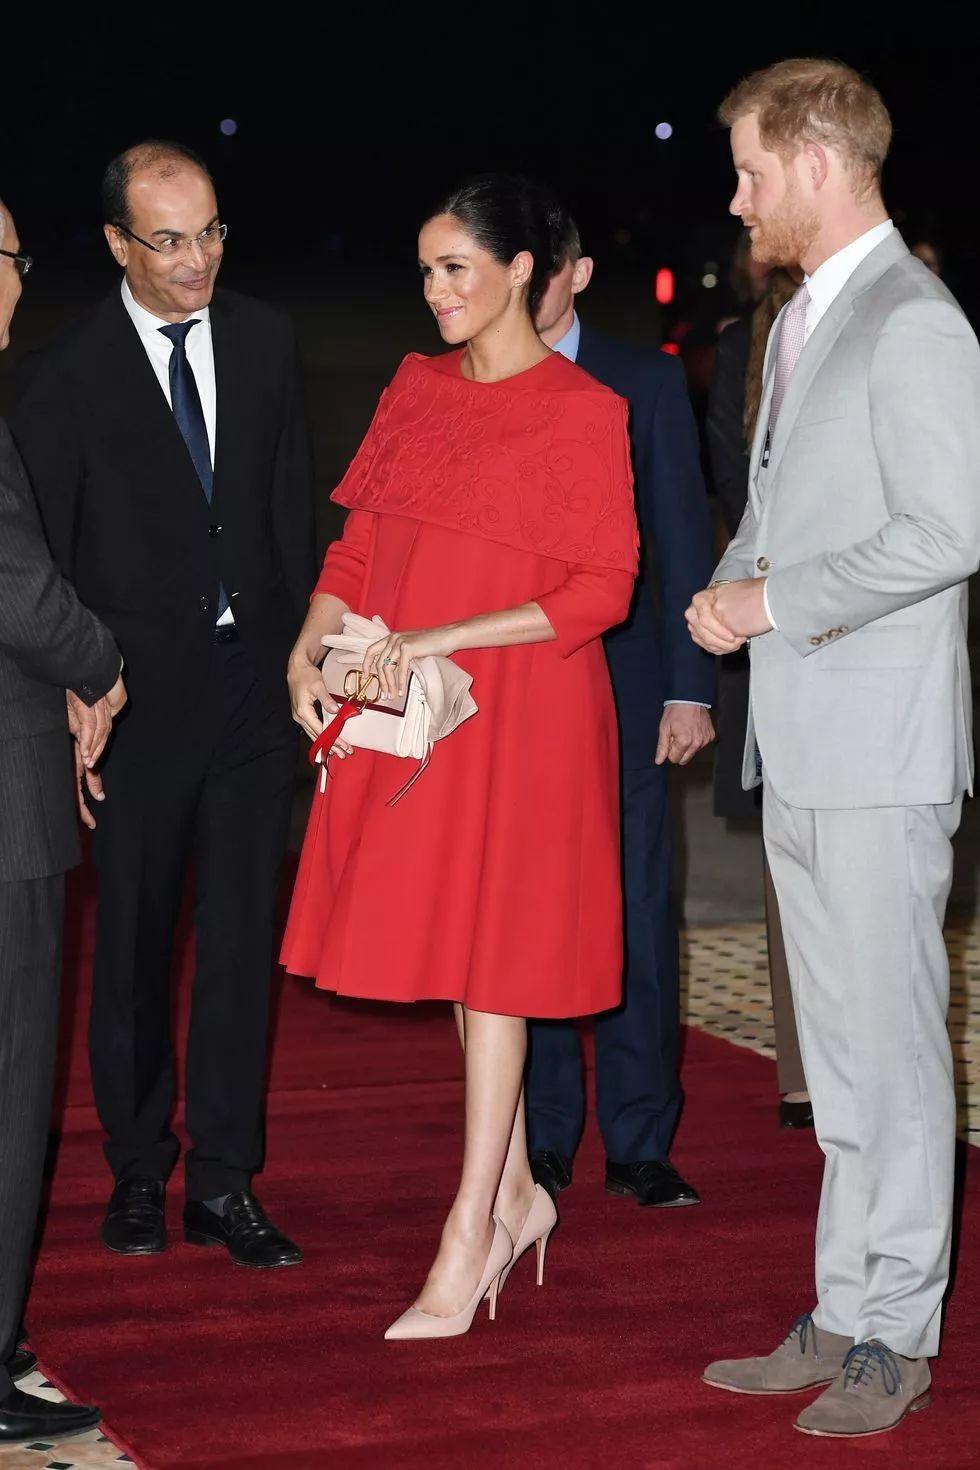 梅根王妃一年花 200 万穿衣服,她的搭配你也能借鉴